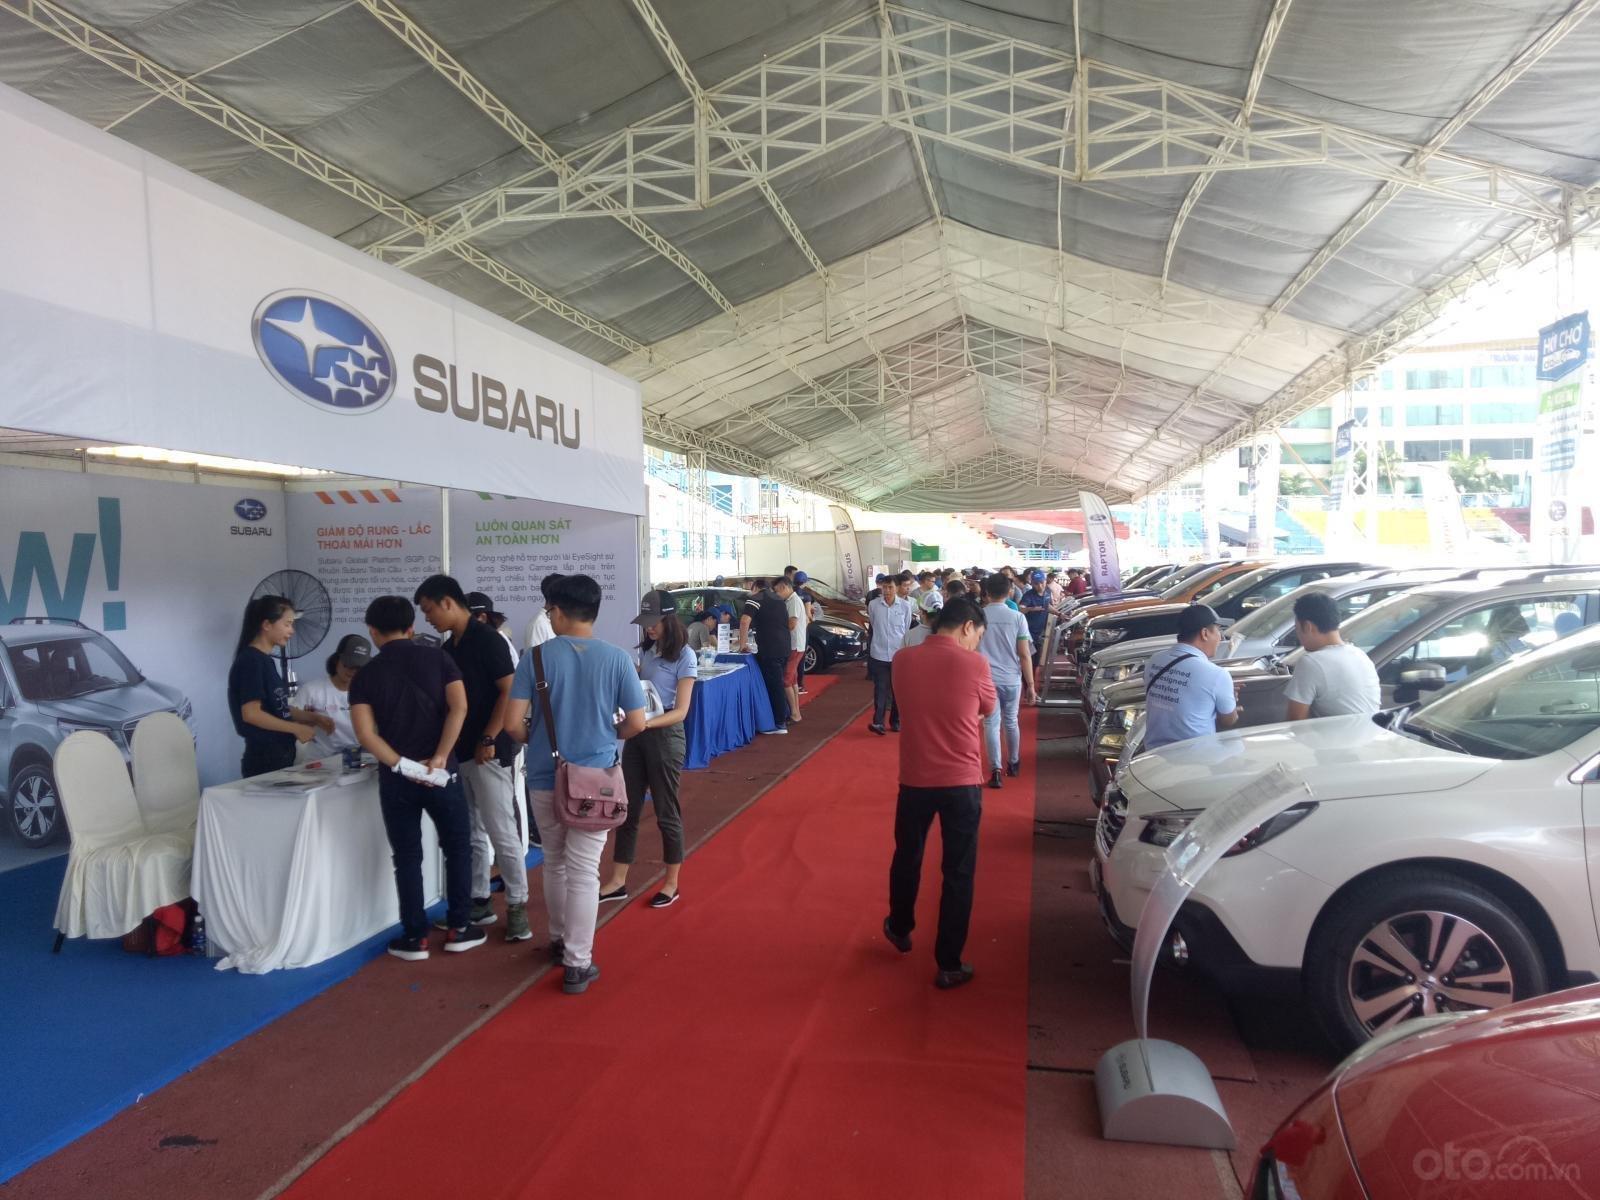 Một số hình ảnh tại Hội chợ Oto.com.vn lần 3 tại TP.HCM - Ảnh 2.